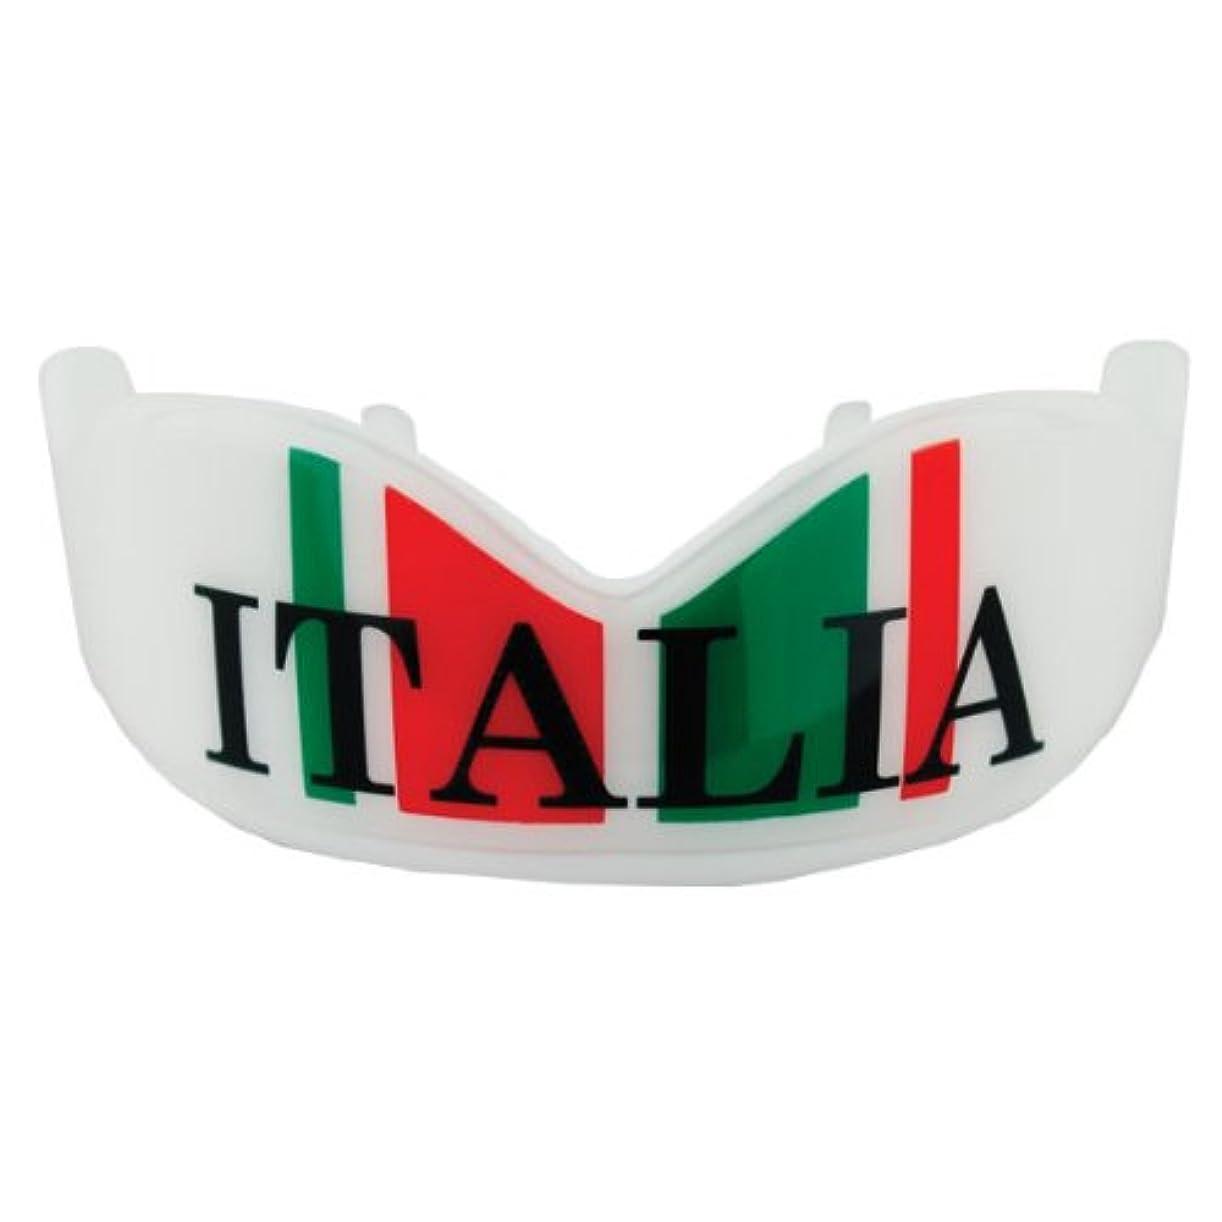 作る厄介な海賊FIGHT DENTIST[ファイトデンティスト] マルチスポーツ マウスガード (イタリア) / MouthGuard Ti Amo Italia